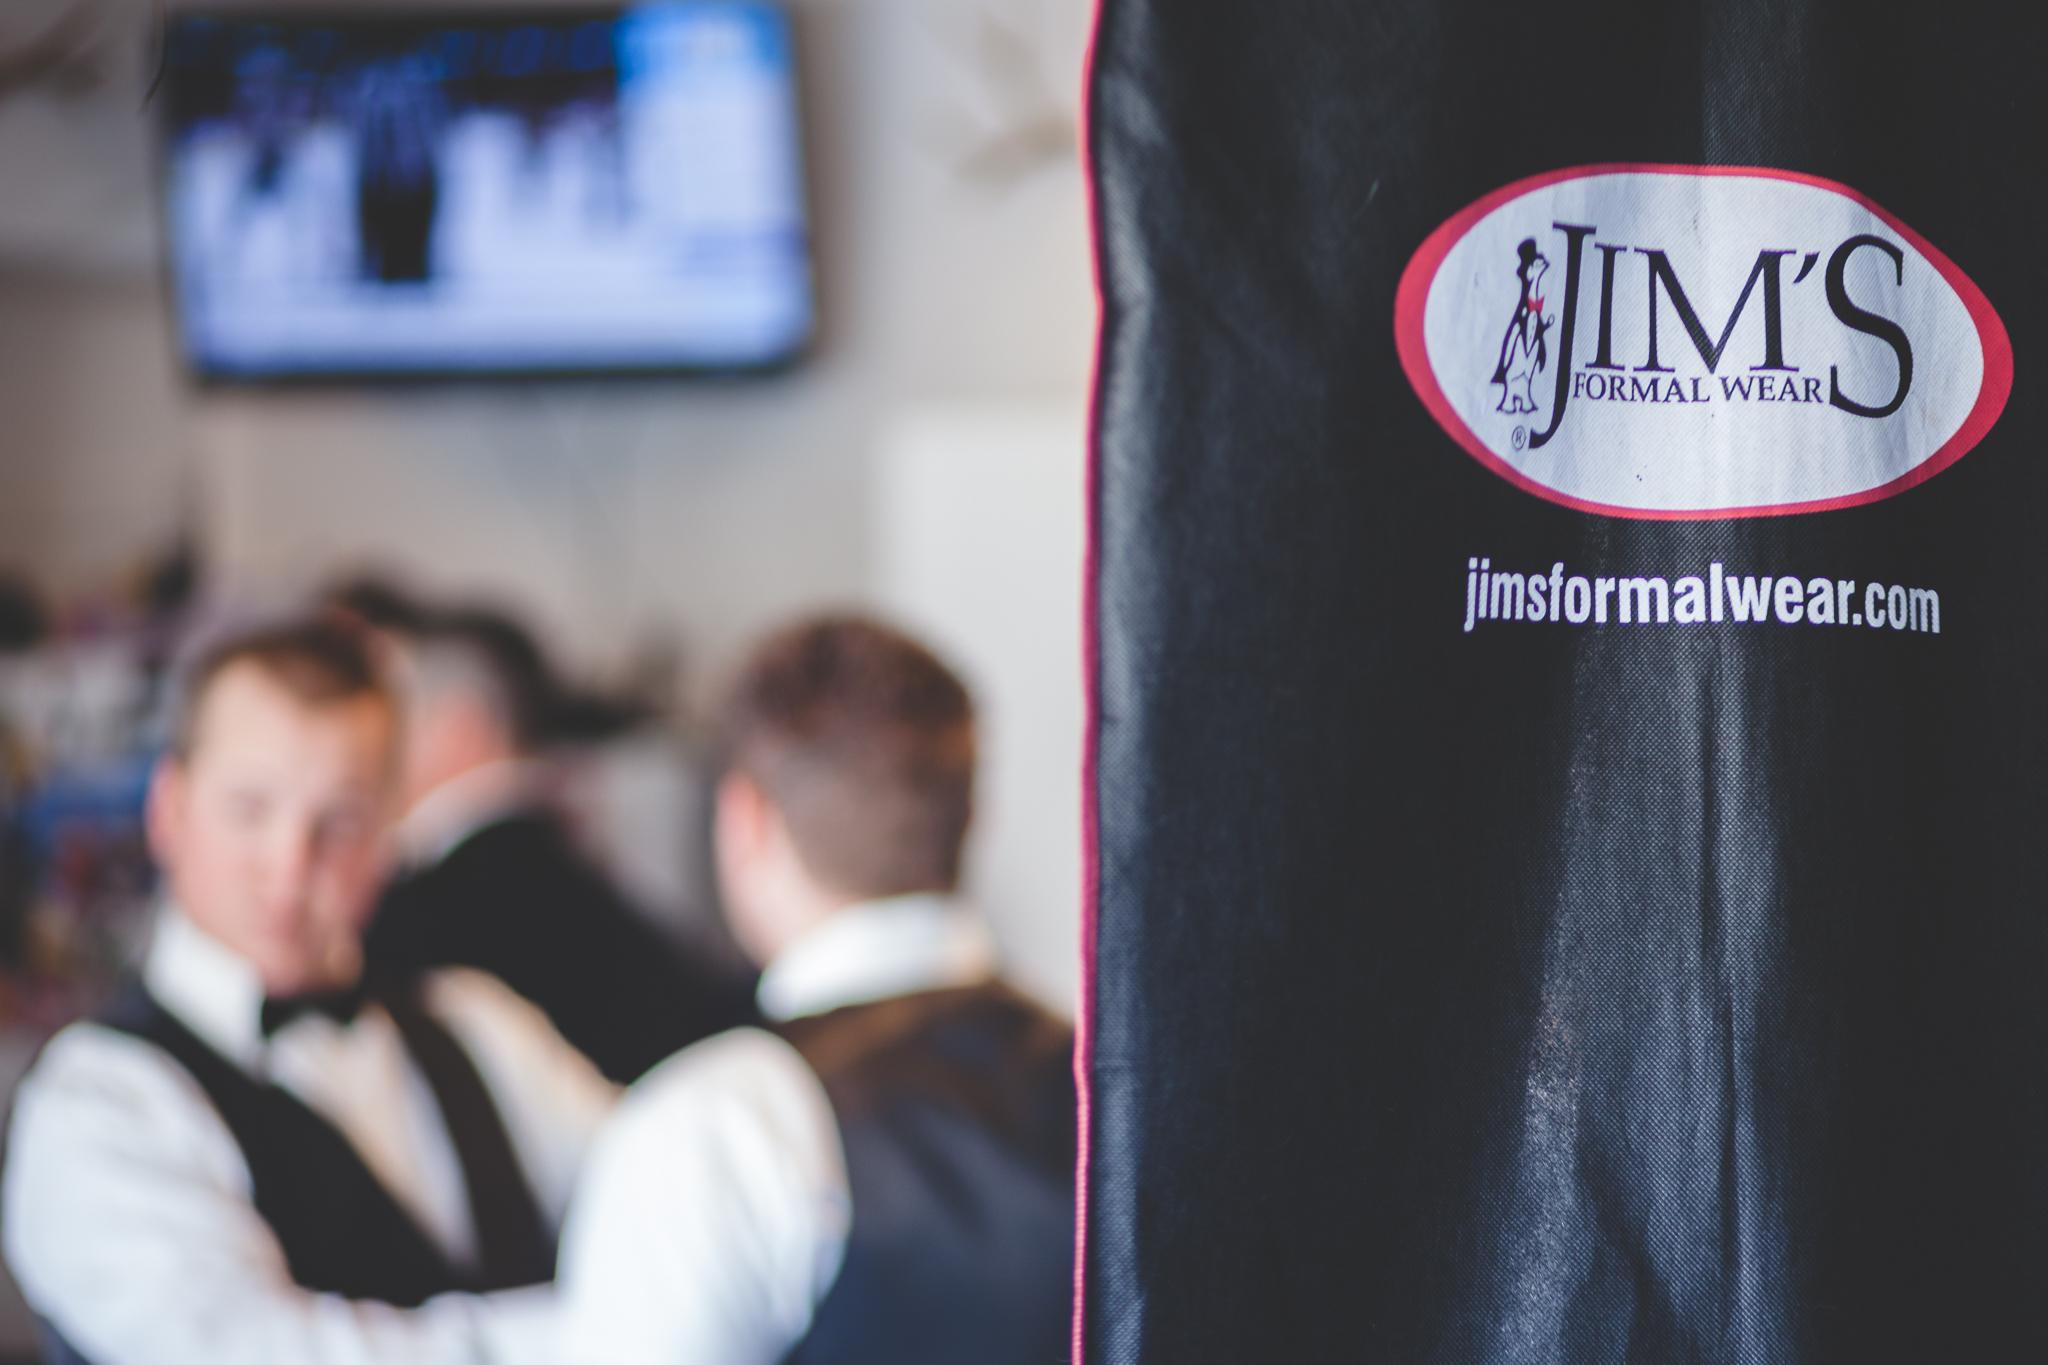 jim's formal wear